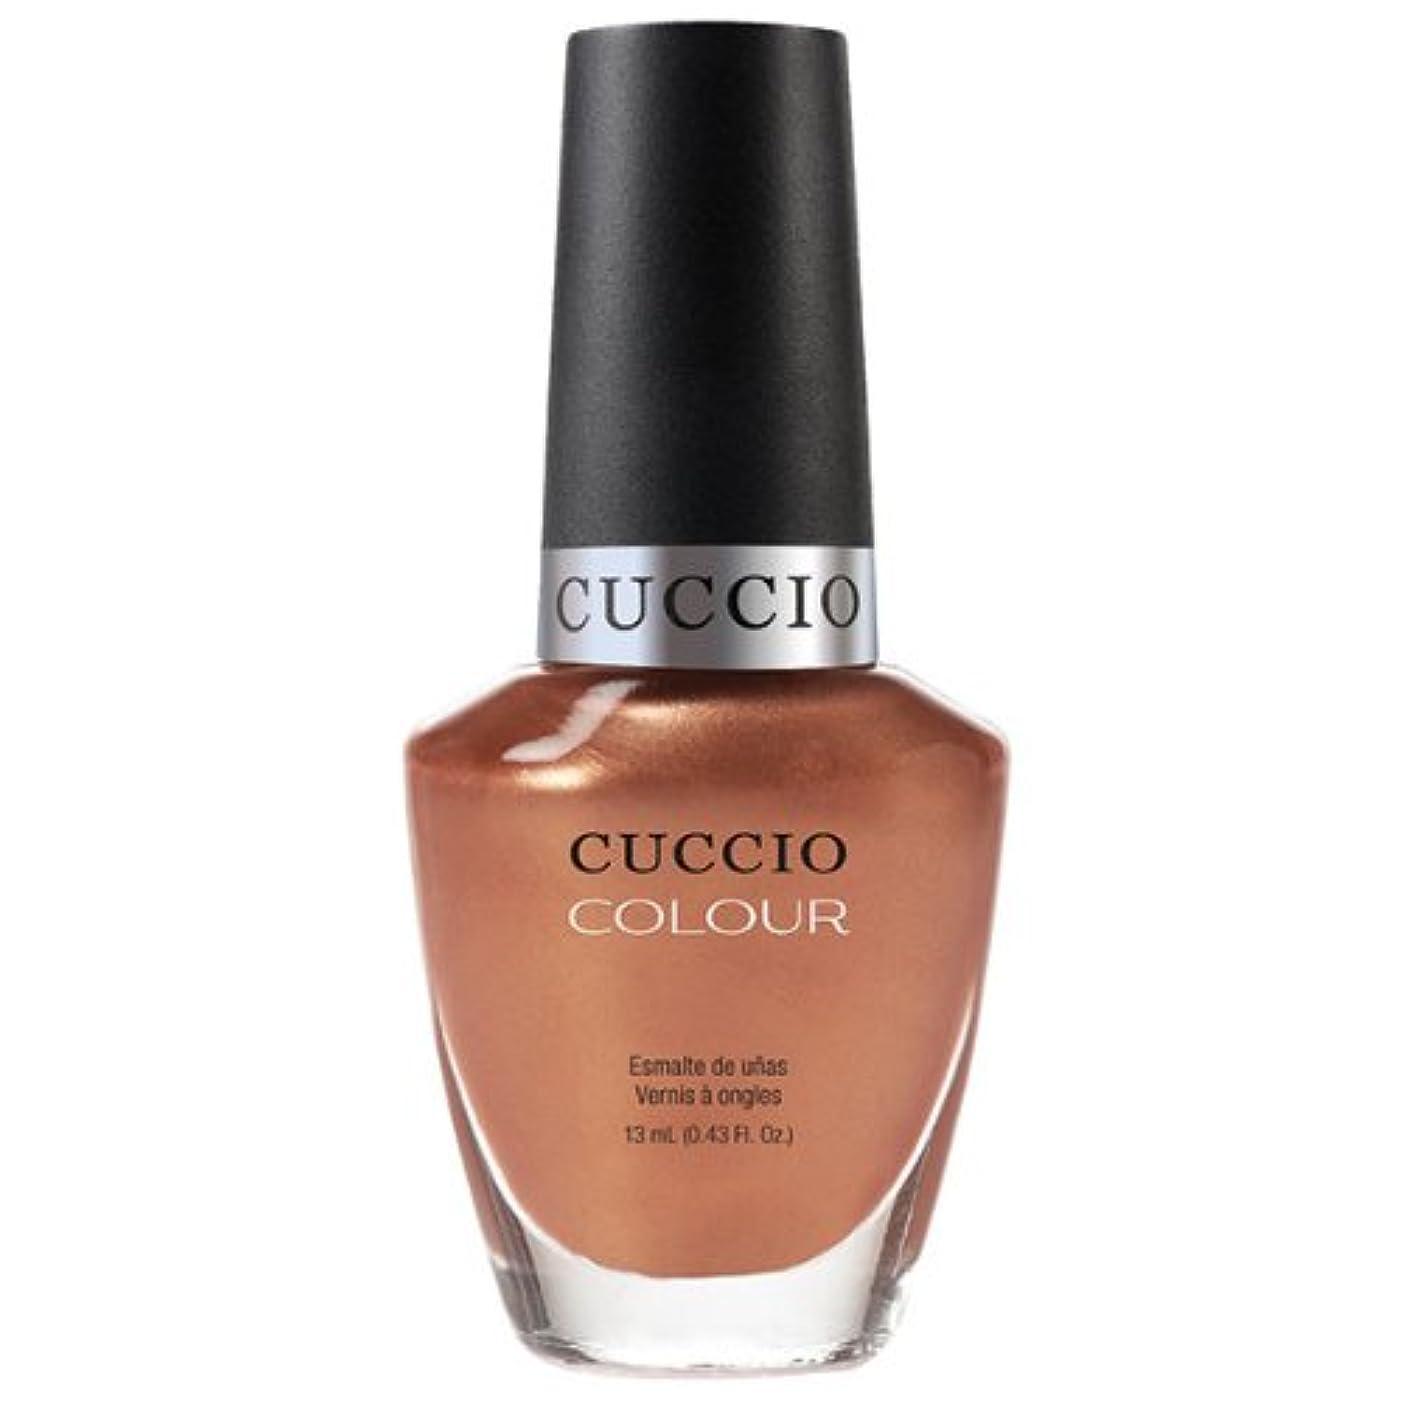 聖職者多くの危険がある状況修復Cuccio Colour Gloss Lacquer - Holy Toledo - 0.43oz / 13ml